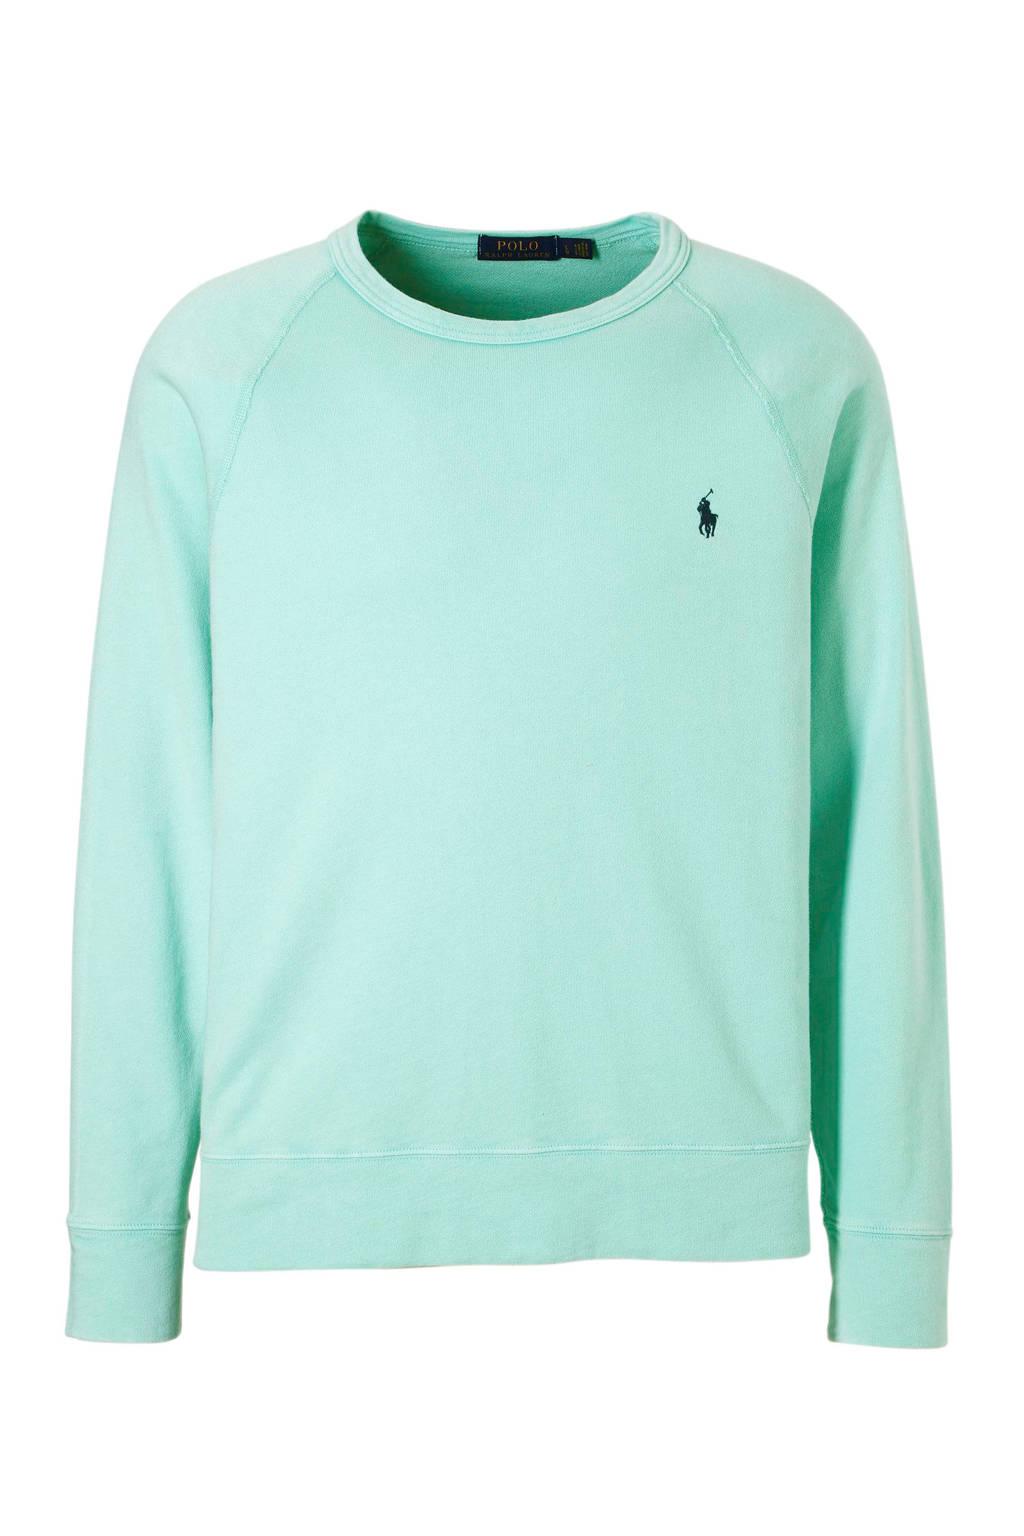 POLO Ralph Lauren sweater, Mintgroen